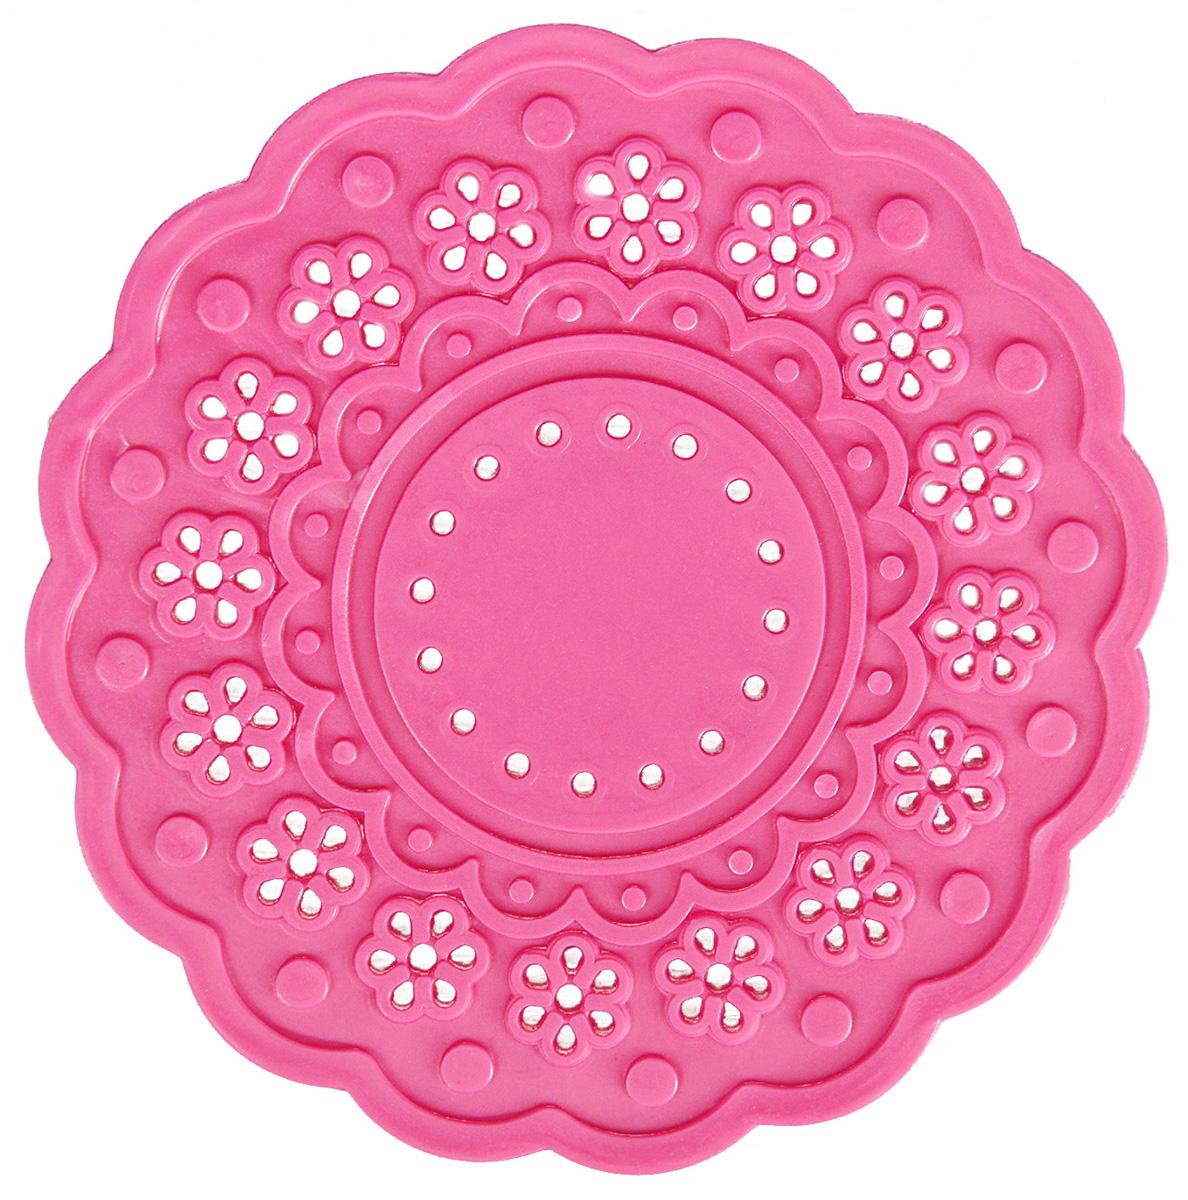 Набор подставок под горячее Доляна Затея, цвет: розовый, 10 см, 4 шт830227_розовыйСиликоновая подставка под горячее — практичный предмет, который обязательно пригодится вхозяйстве. Изделие поможет сберечь столы, тумбы, скатерти и клеёнки от повреждениянагретыми сковородами, кастрюлями, чайниками и тарелками.